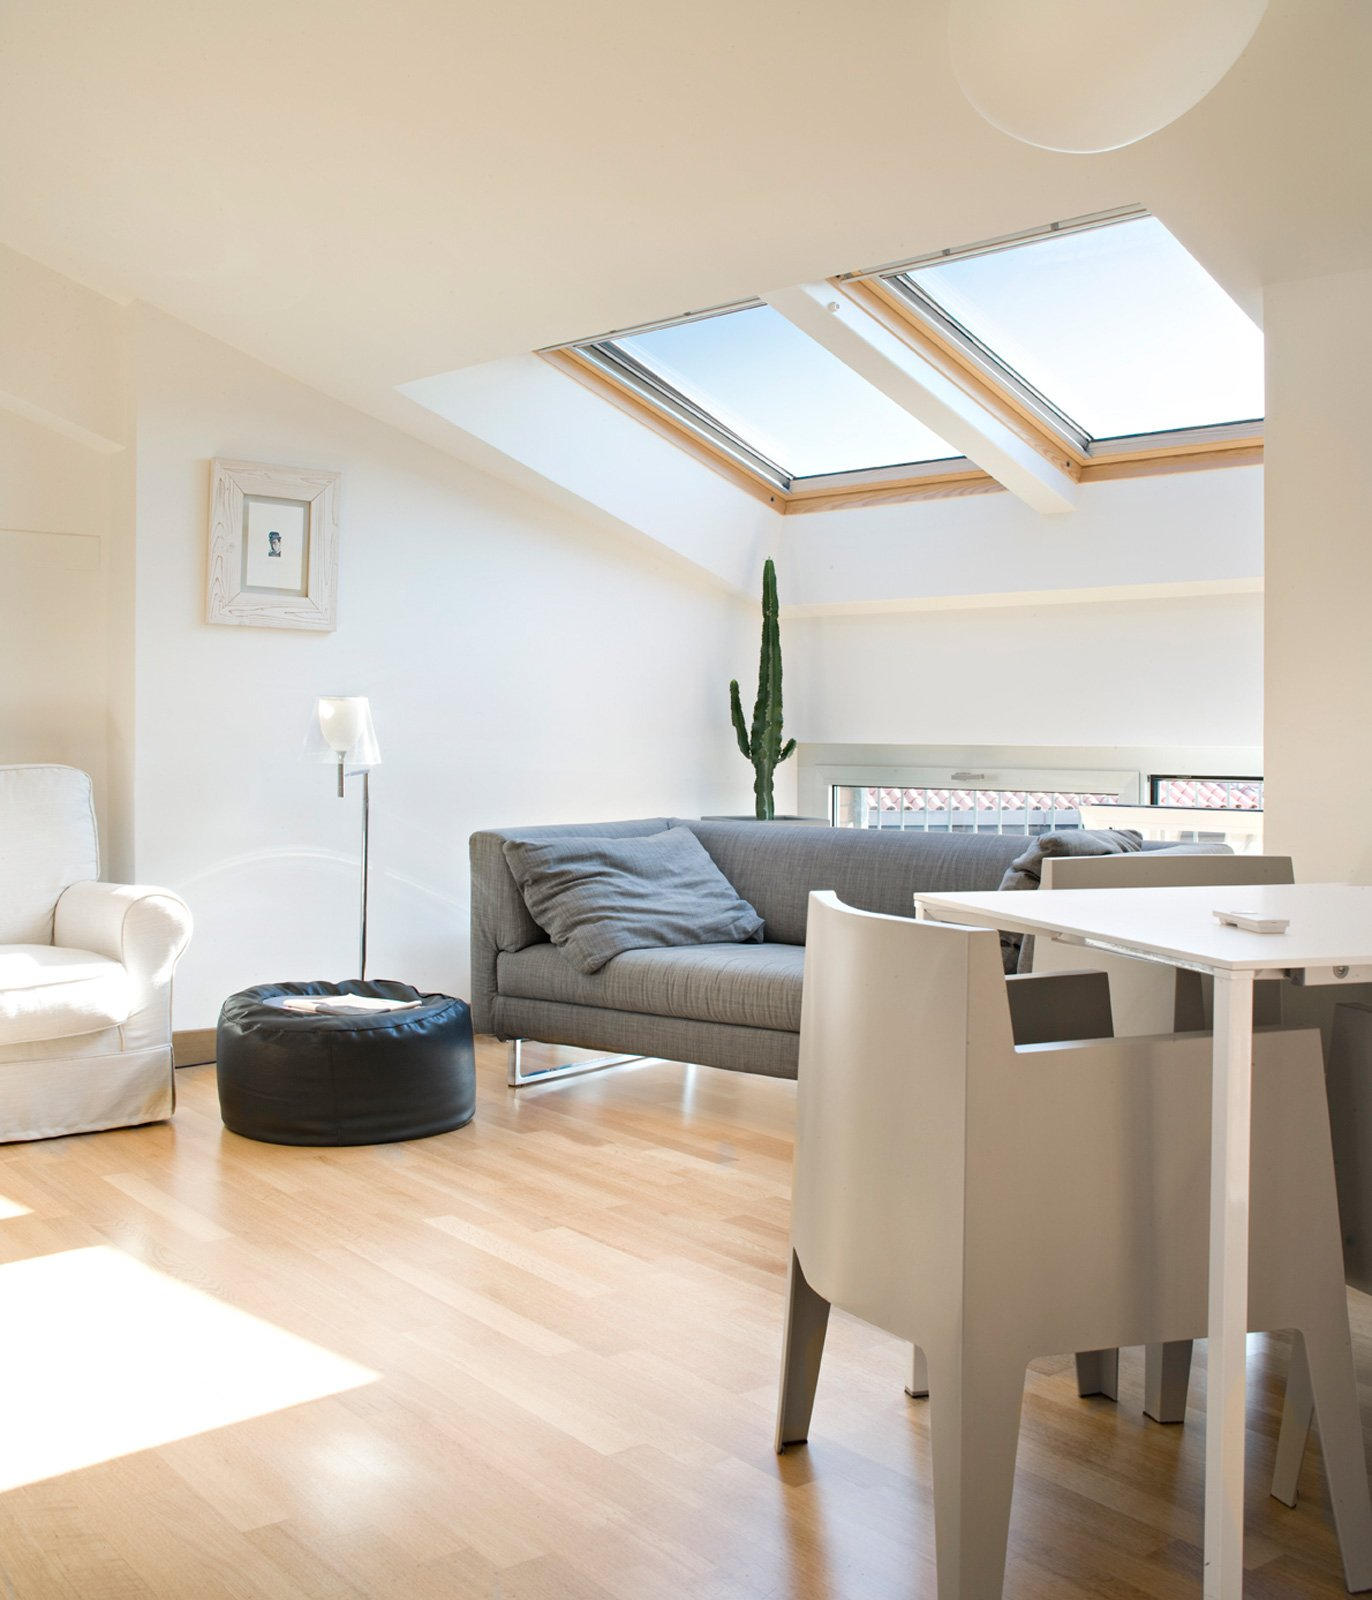 90 mq ambienti moltiplicati nell 39 attico con vista mare for Dimensioni finestre velux nuova costruzione